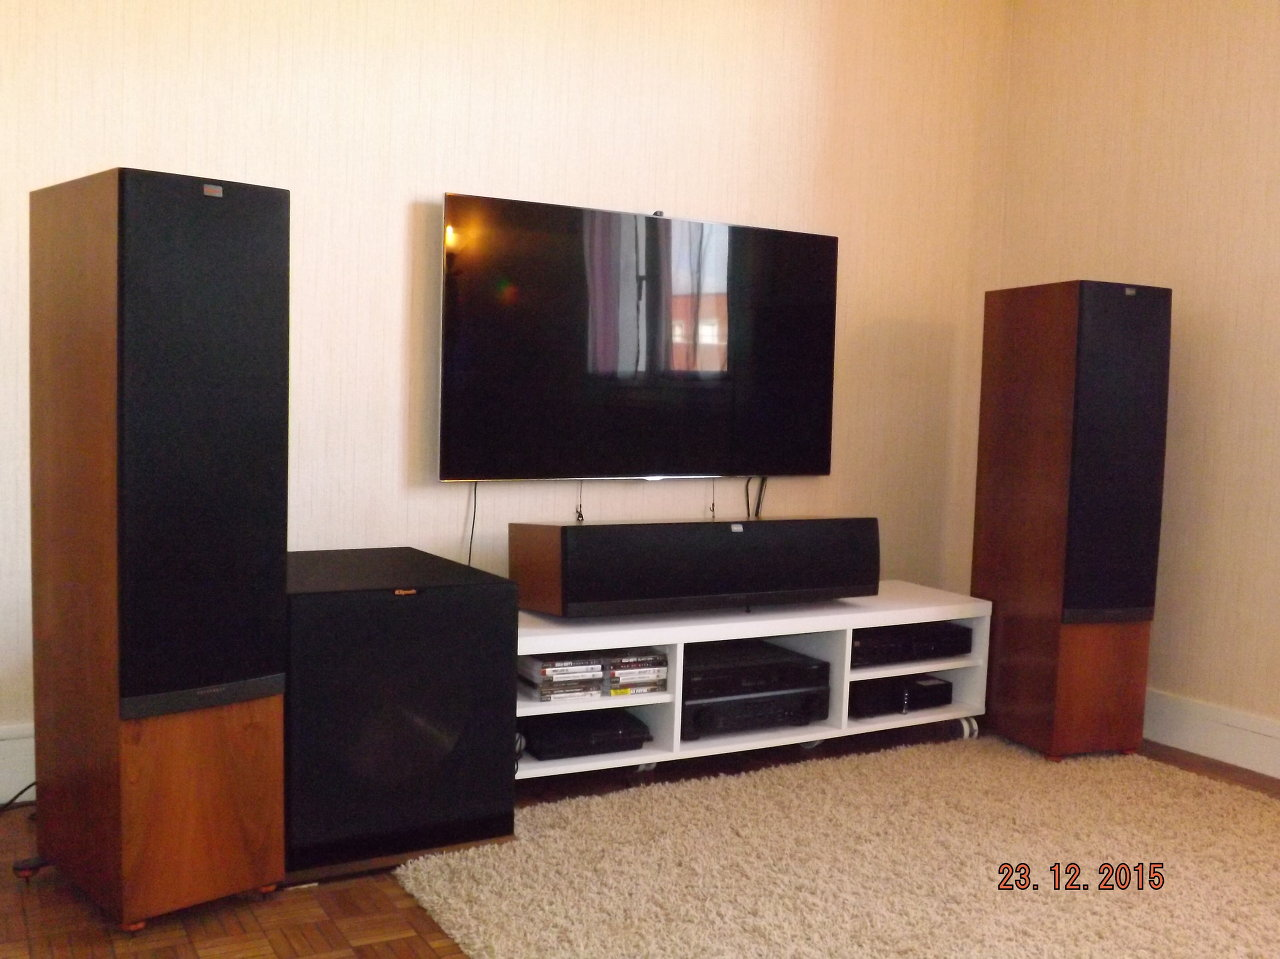 prix d'installation du son surround